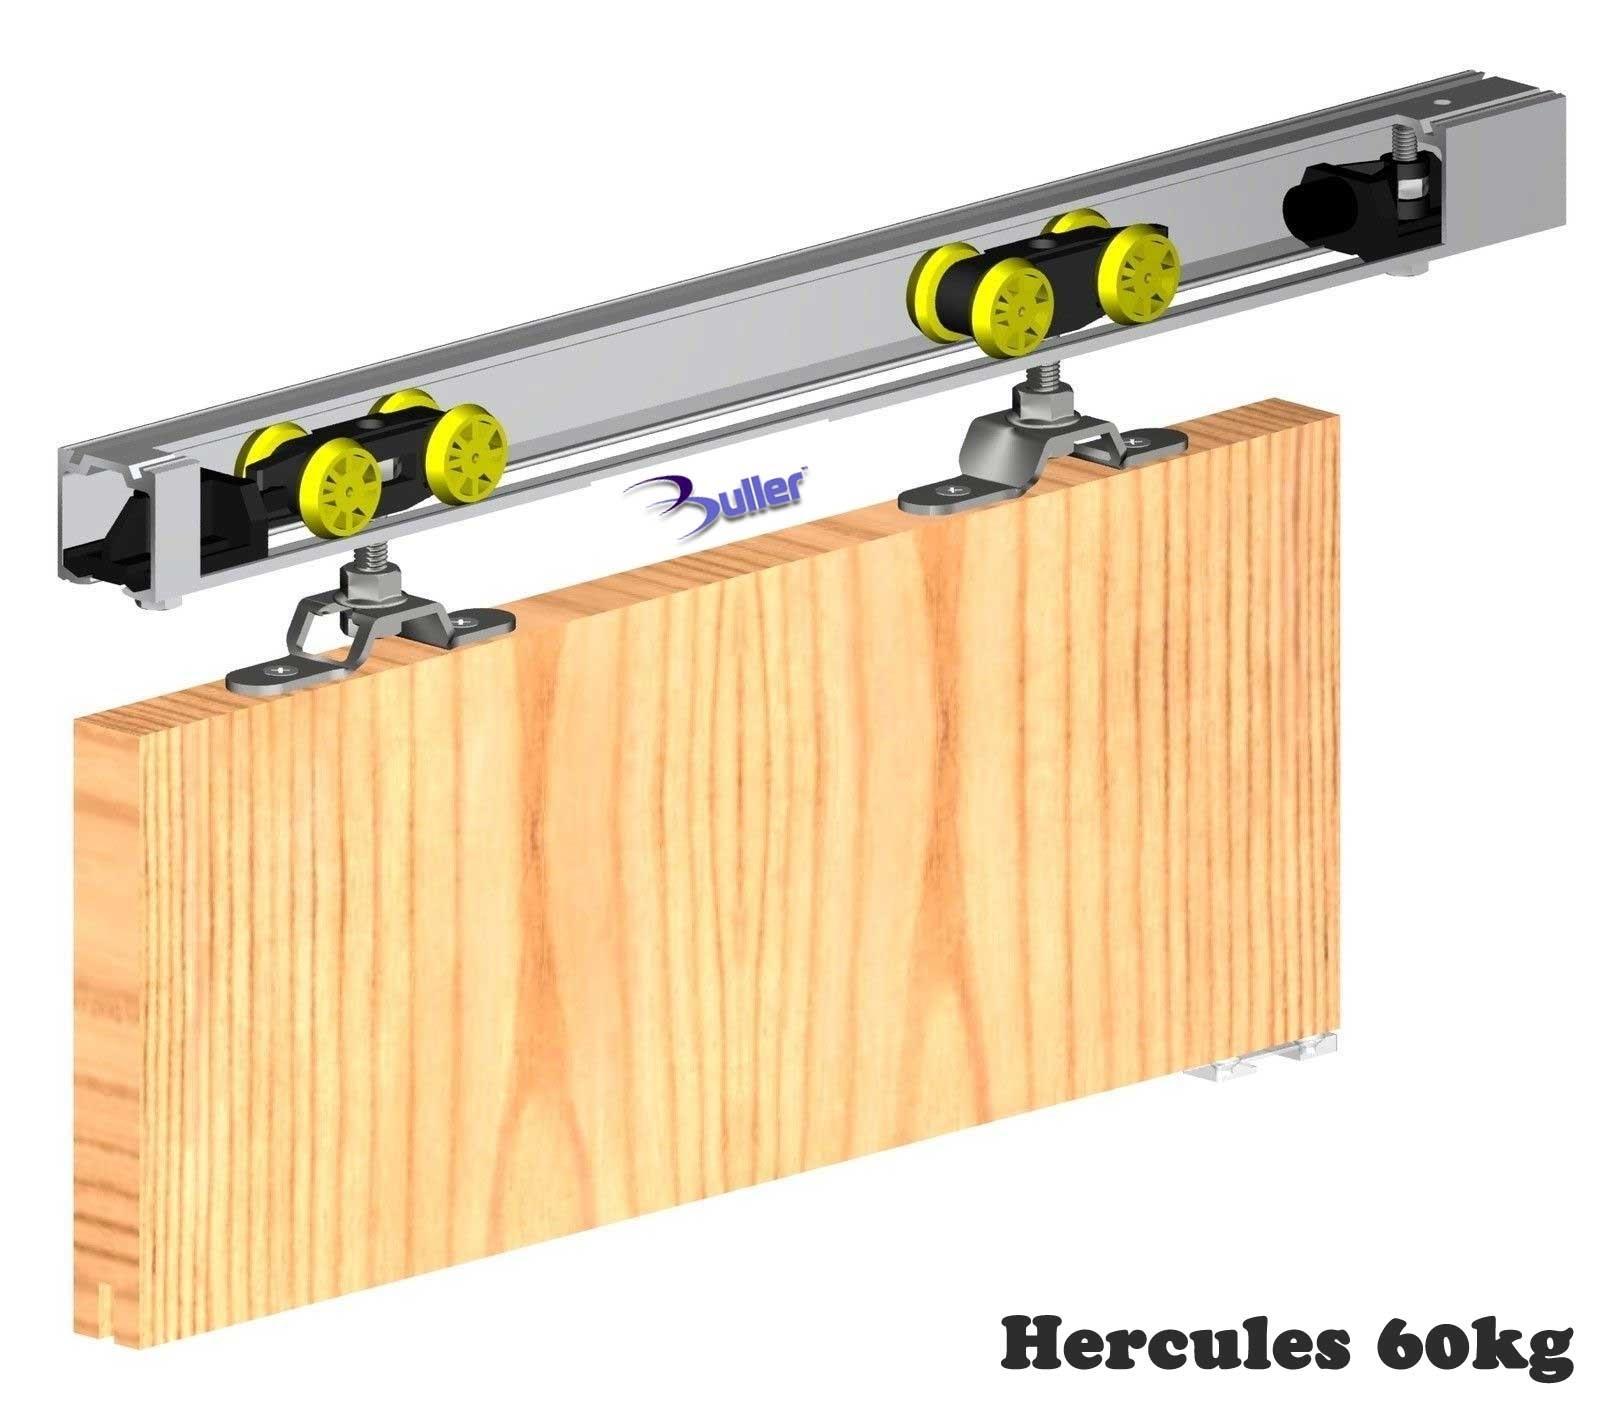 Heavy Duty Sliding Folding Door GearHeavy Duty Sliding Folding Door Gear